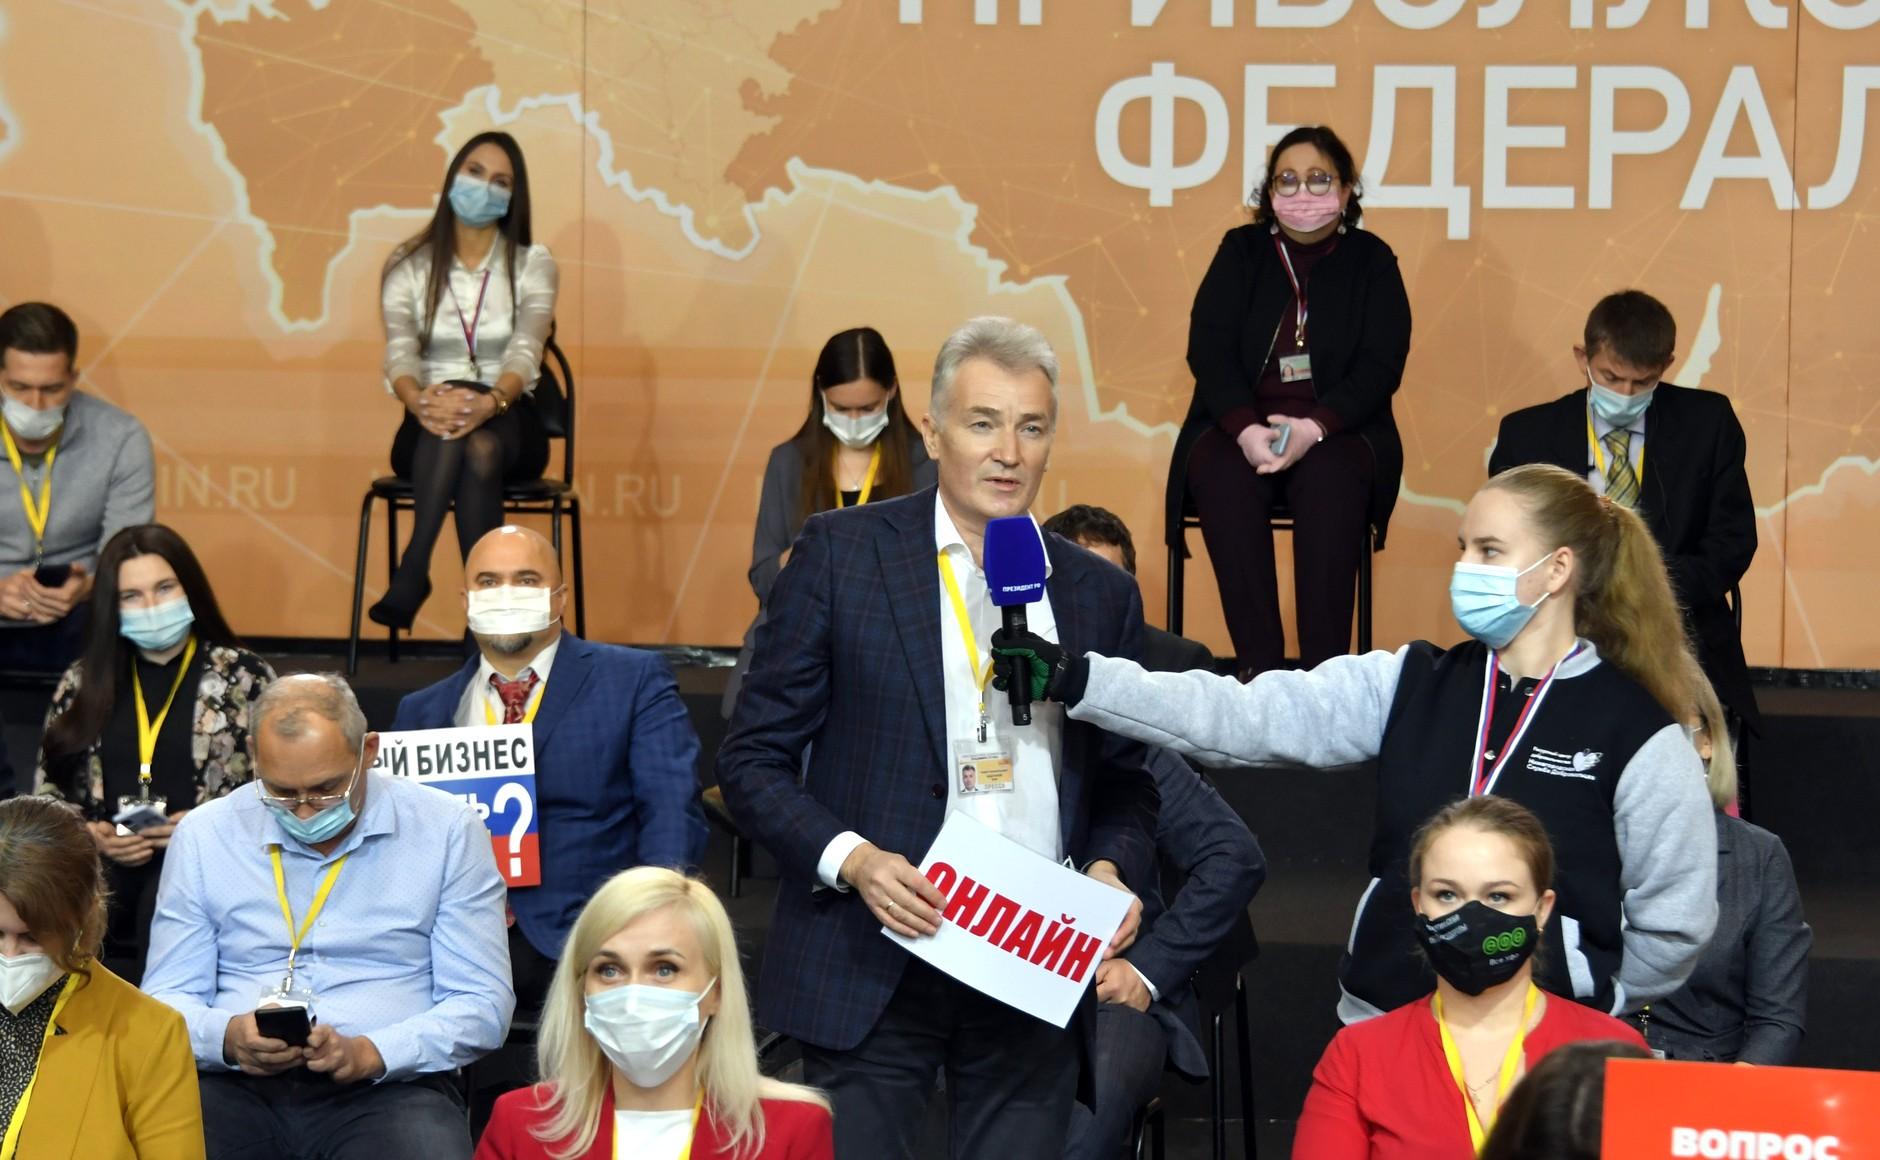 RUSSIE 17.12.2020.CONFERENCE 22 XX 66 Avant le début de la conférence de presse annuelle de Vladimir Poutine.